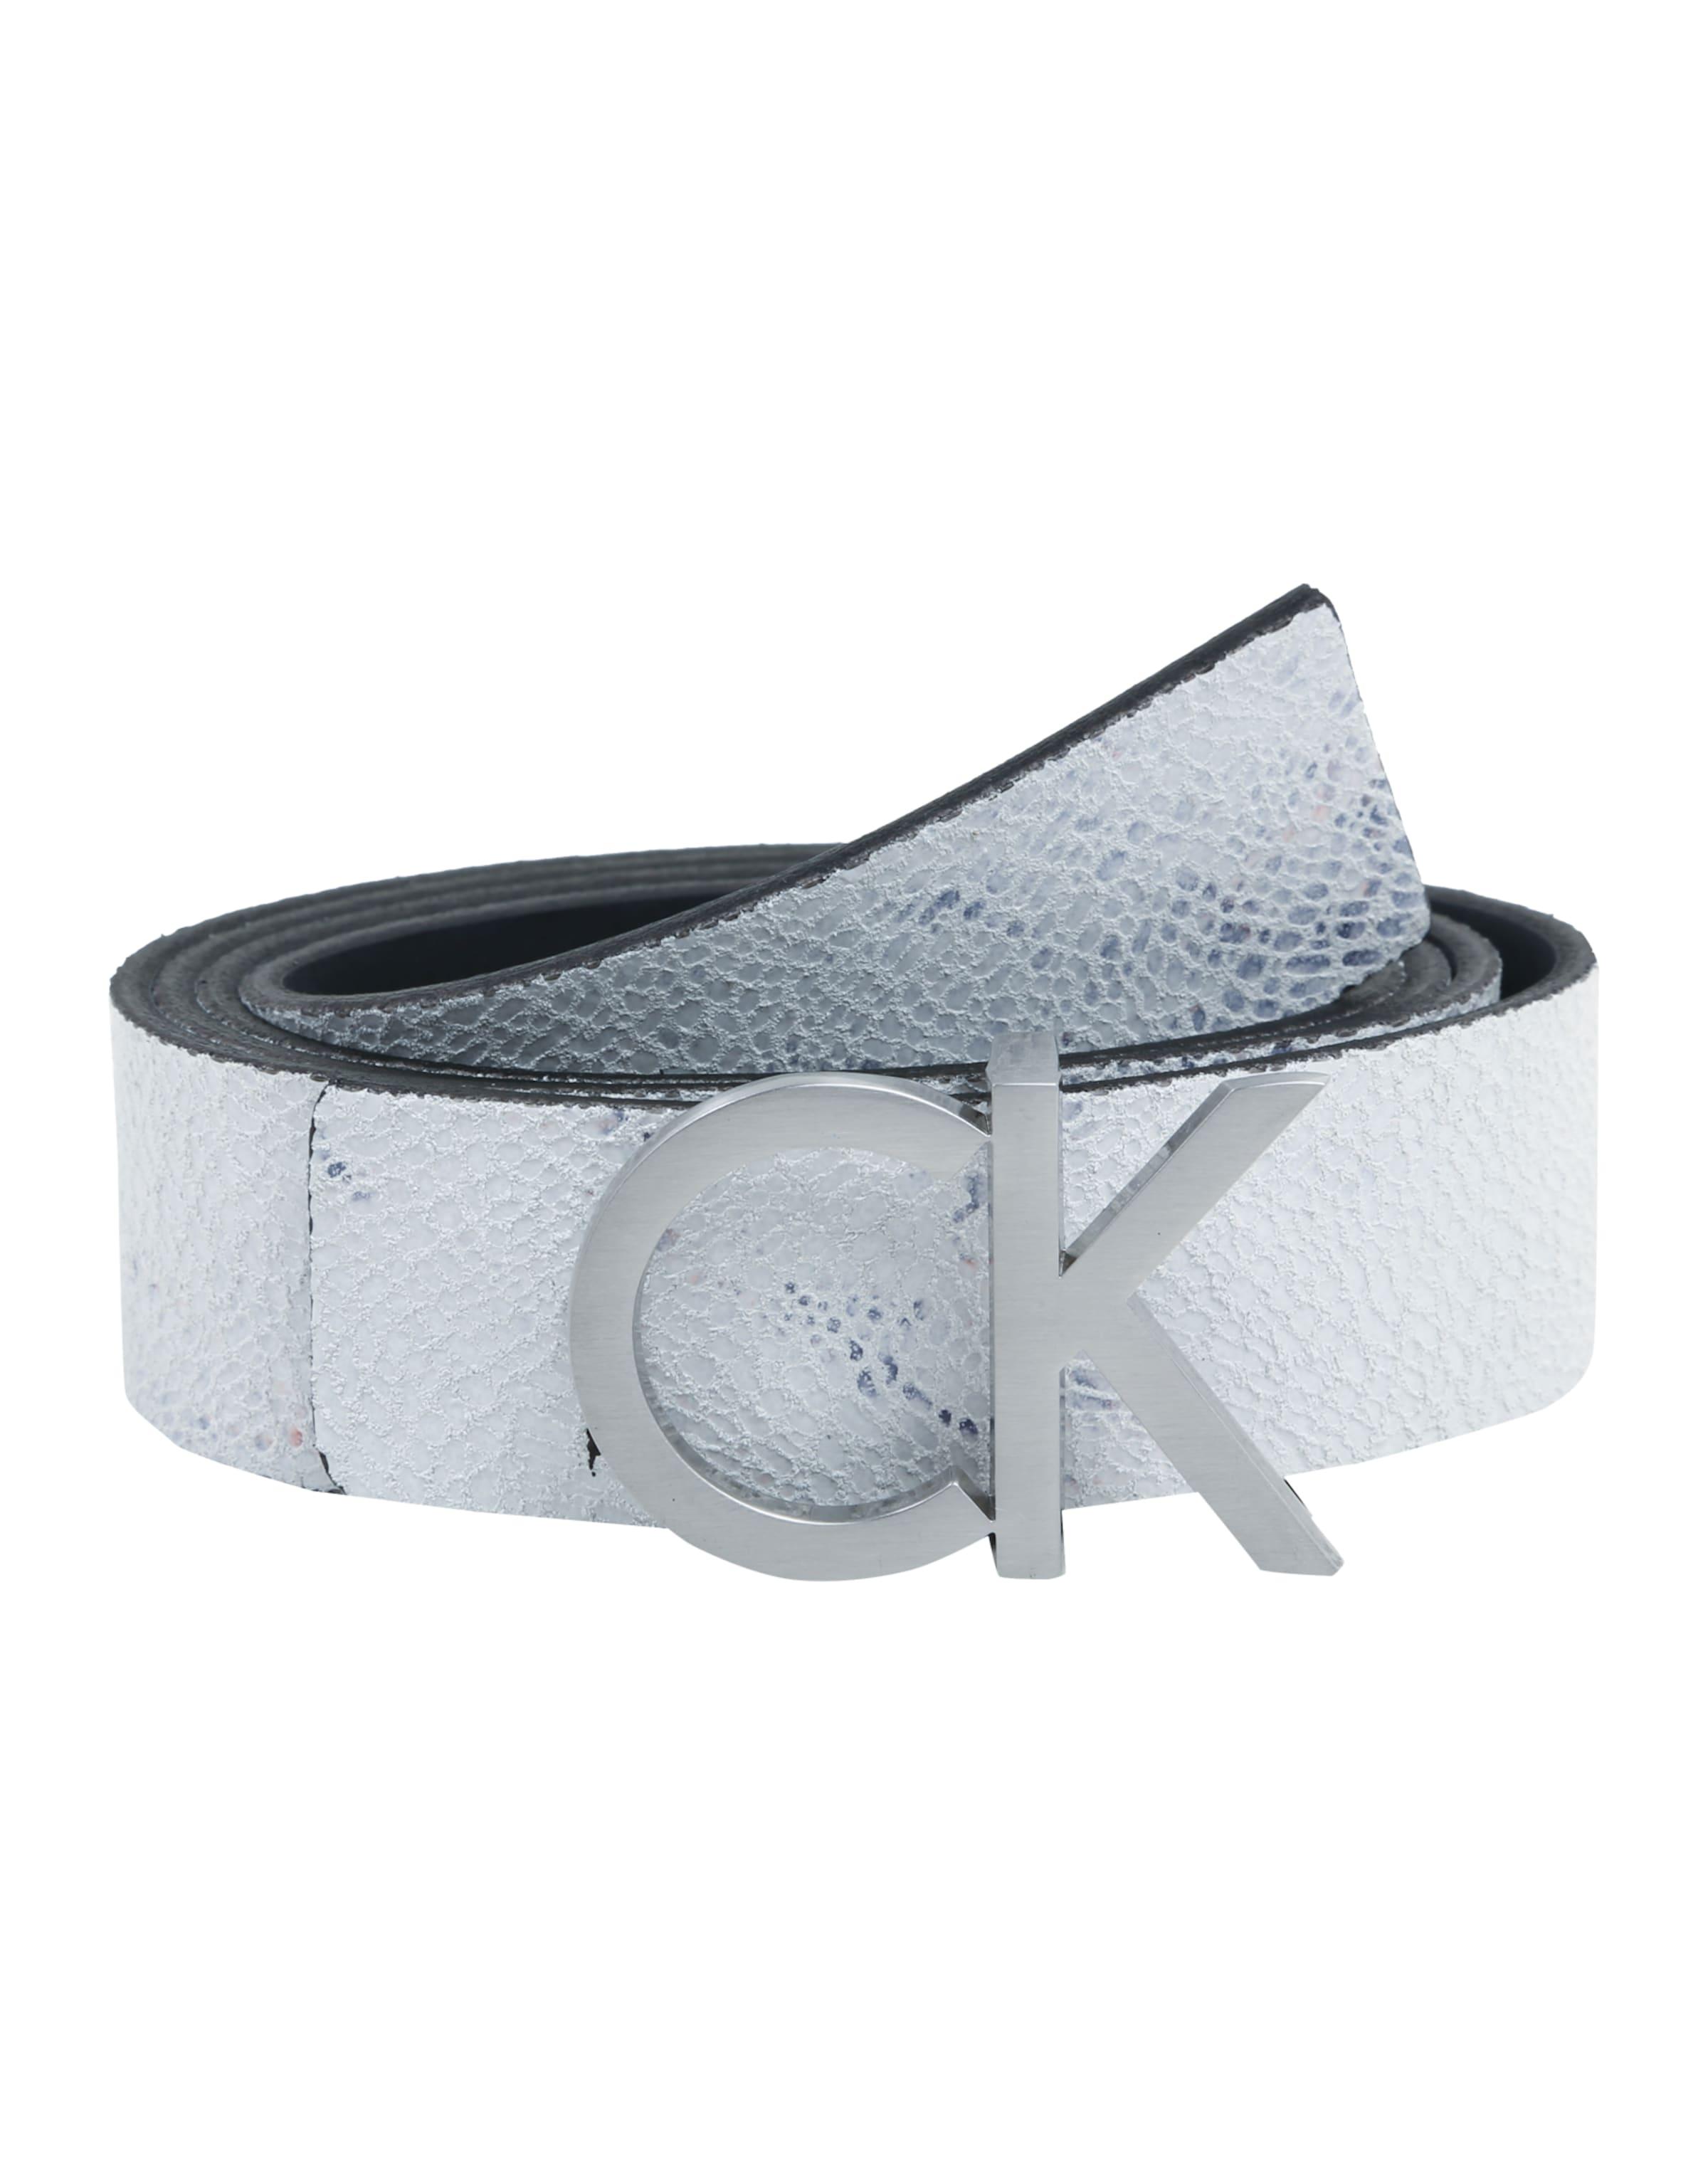 Calvin Klein Ledergürtel 'Reversible belt' mit Geschenkbox Rabatt Klassisch Verkauf Neuer Stile ZVswsBKcq